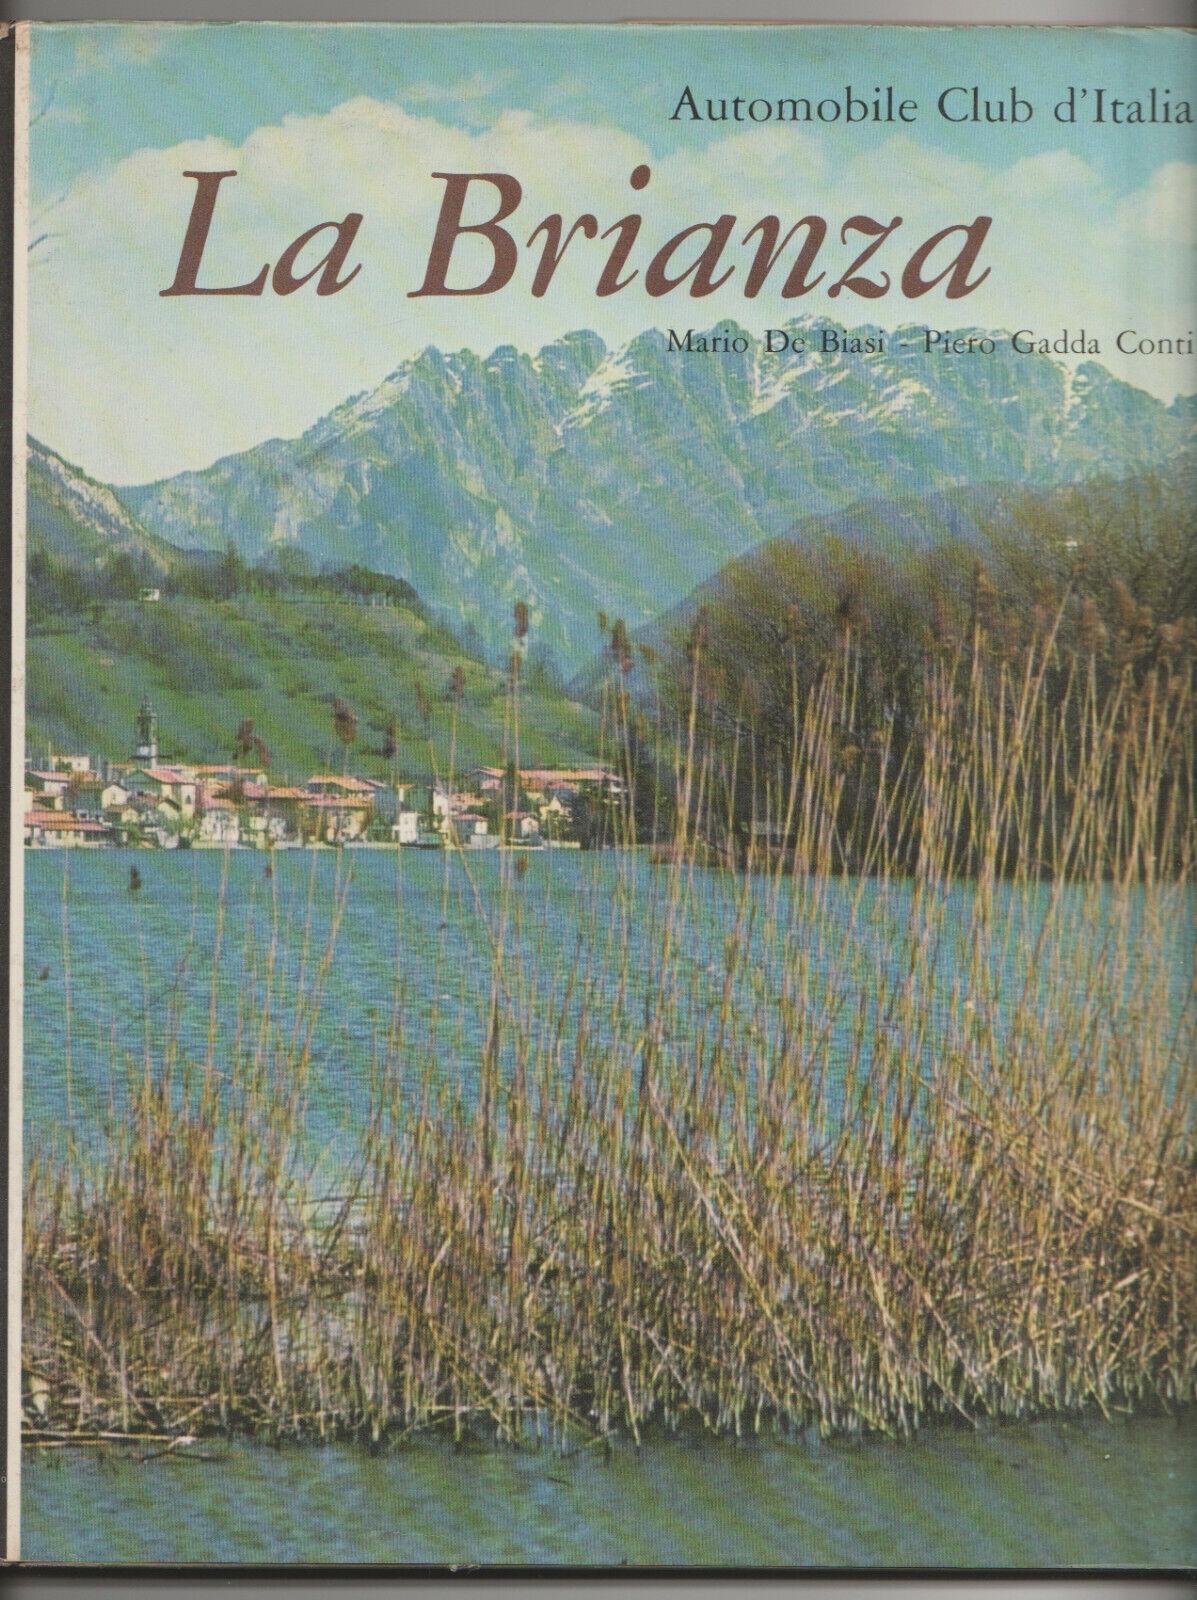 Almanacco di storia 1977 - Mondadori